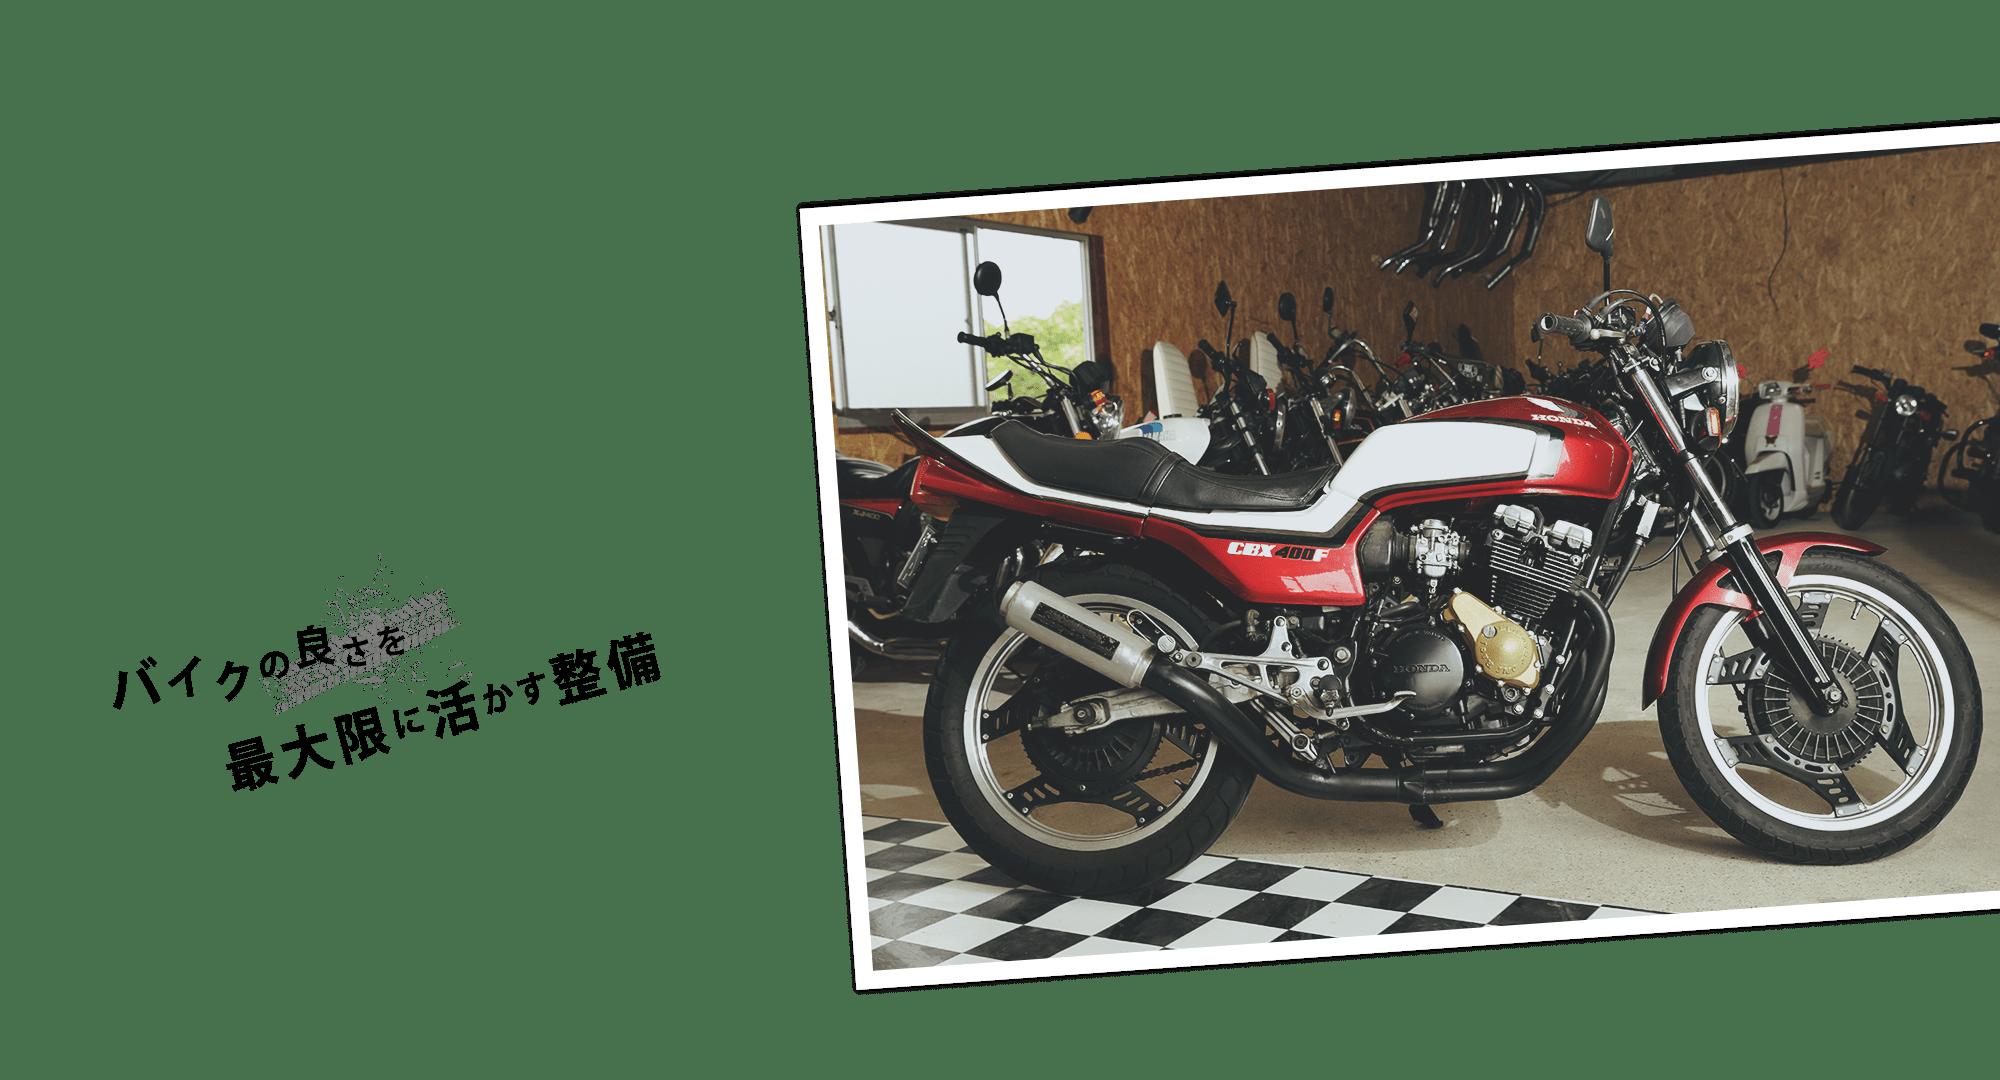 バイクの良さを最大限に活かす設備